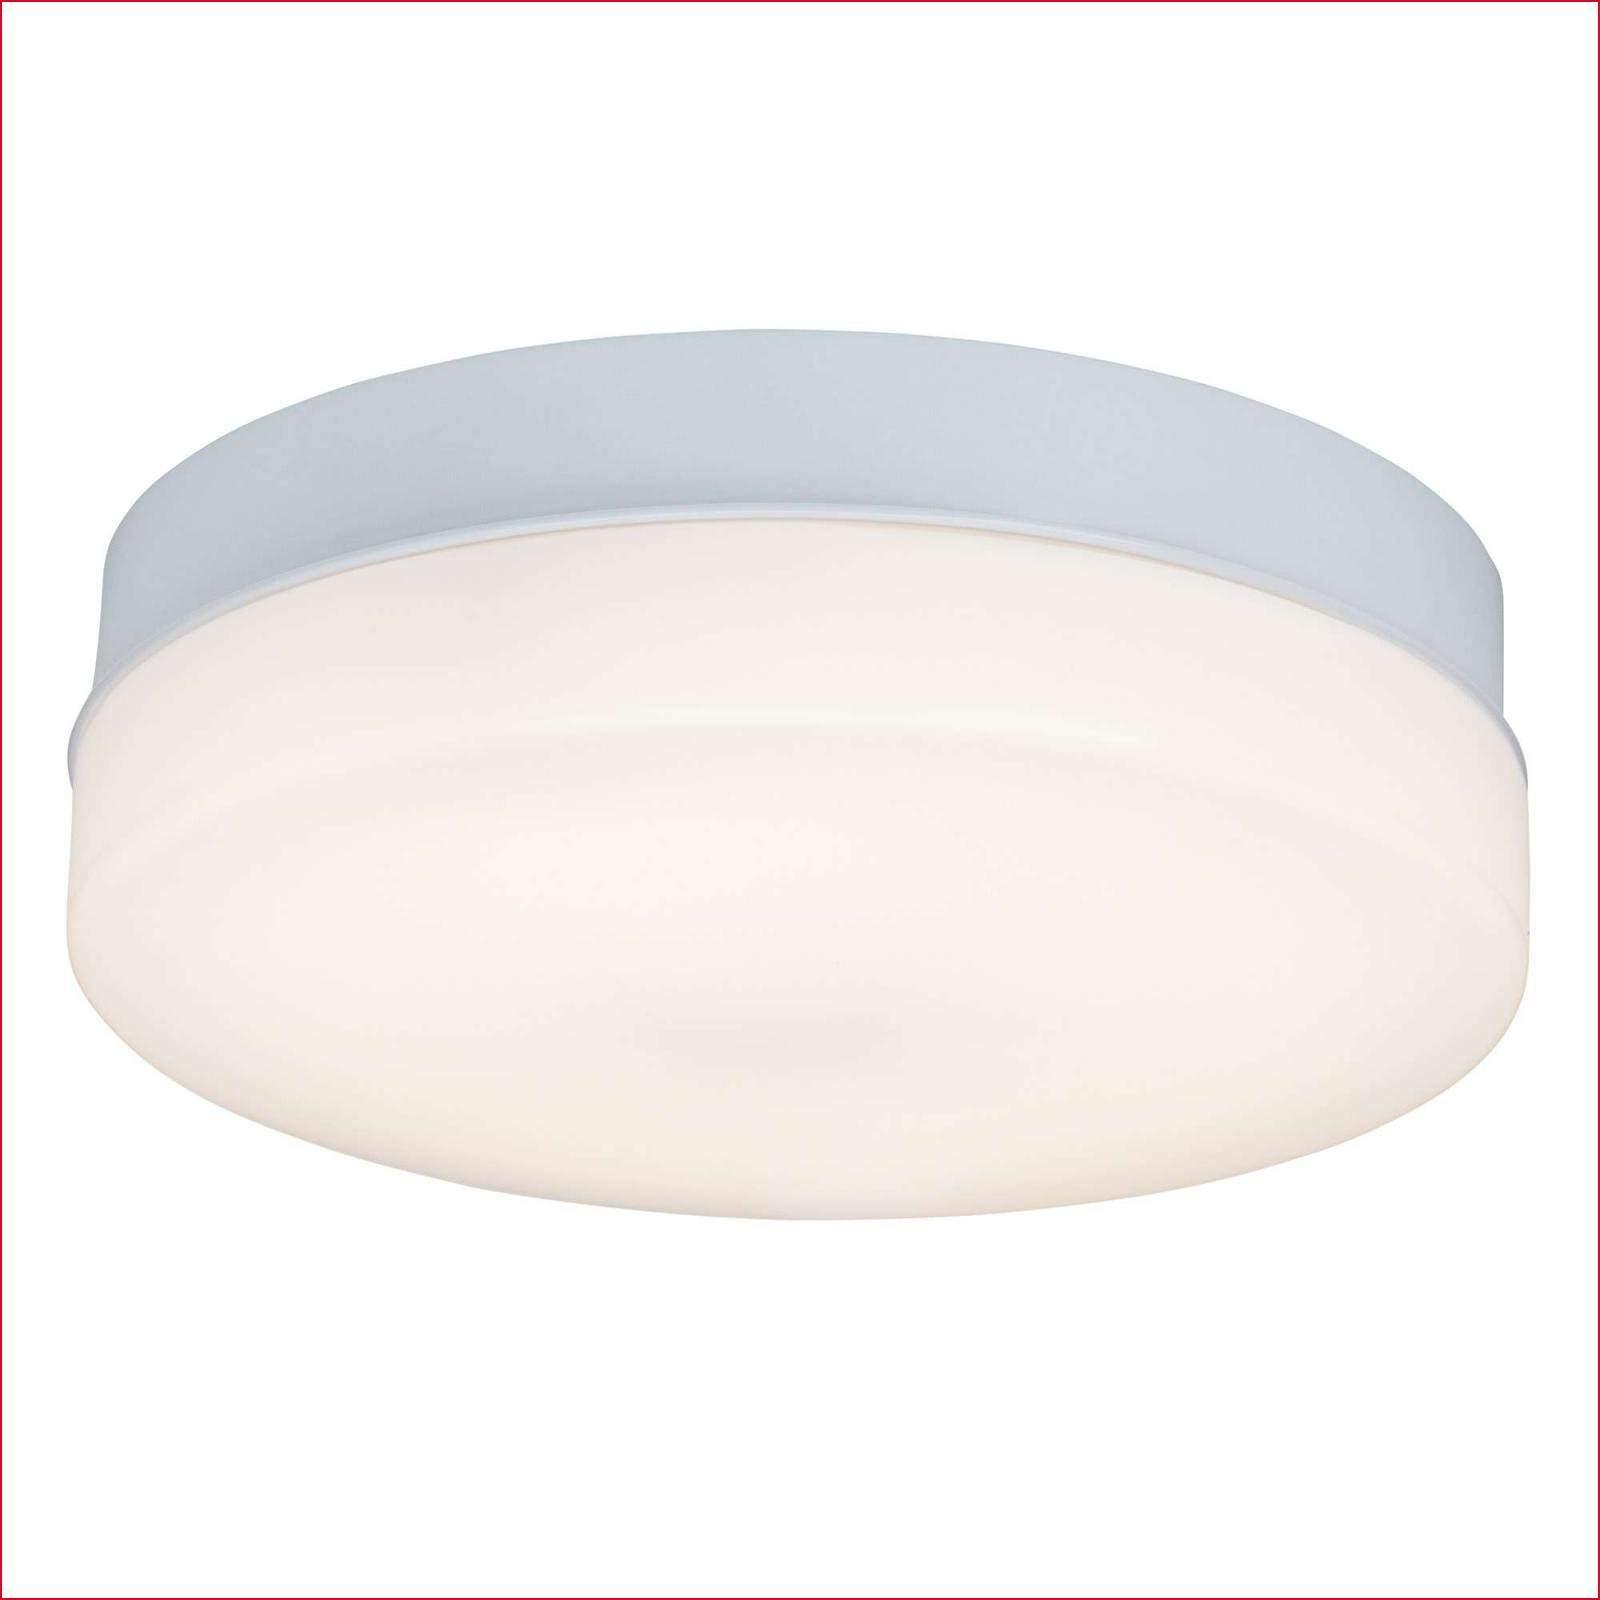 led lampen wohnzimmer frisch schon licht lampe sammlung von lampe idee lampe ideen of led lampen wohnzimmer